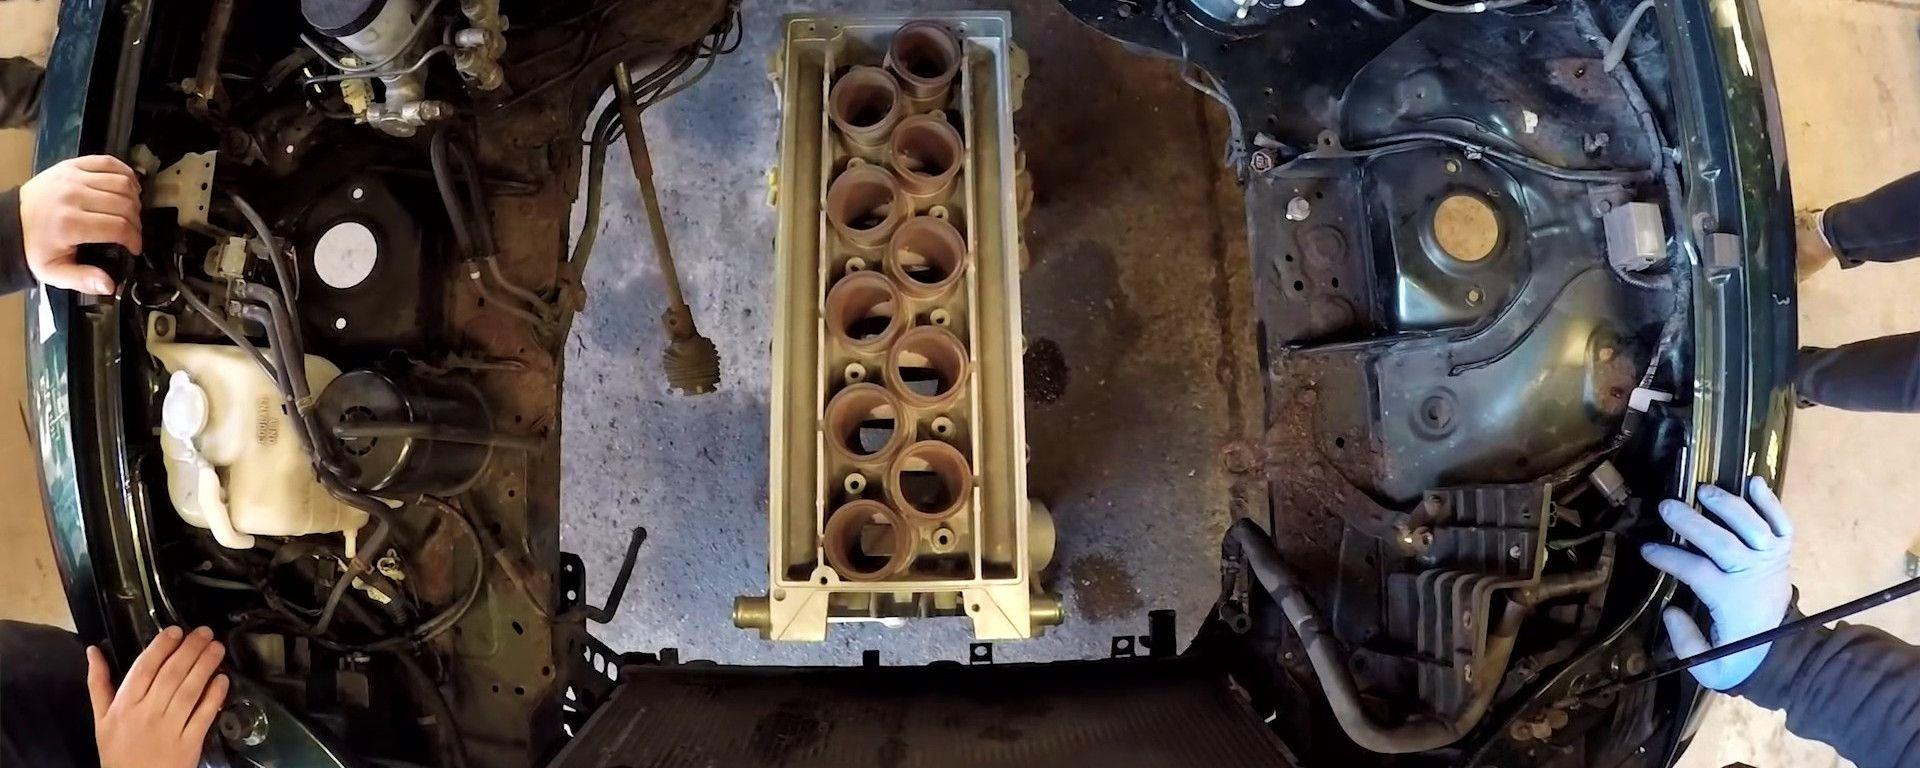 Il V10 Connaught entra nel vano motore della Mazda MX-5